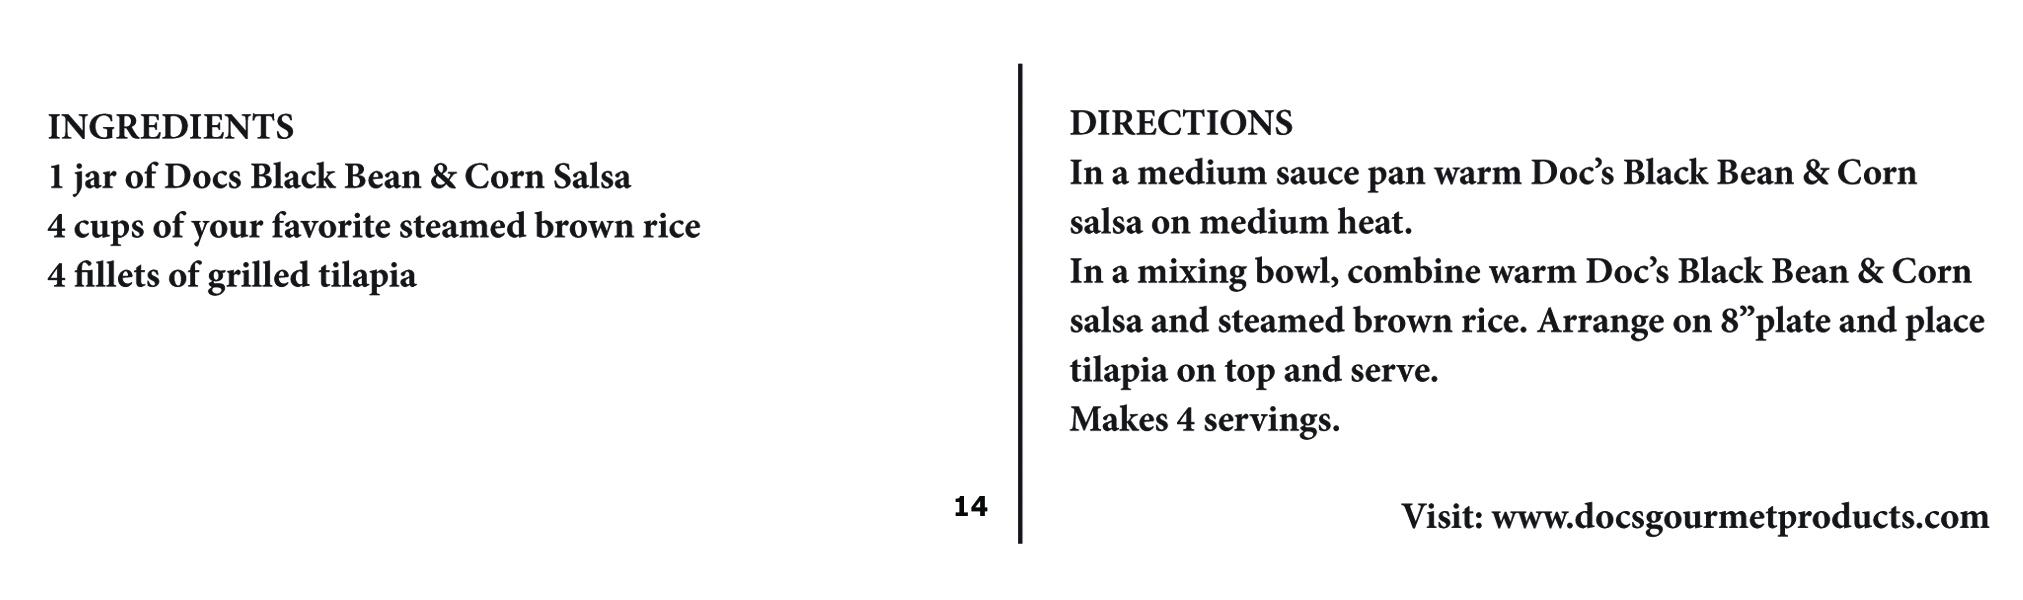 recipe cards14a.jpg